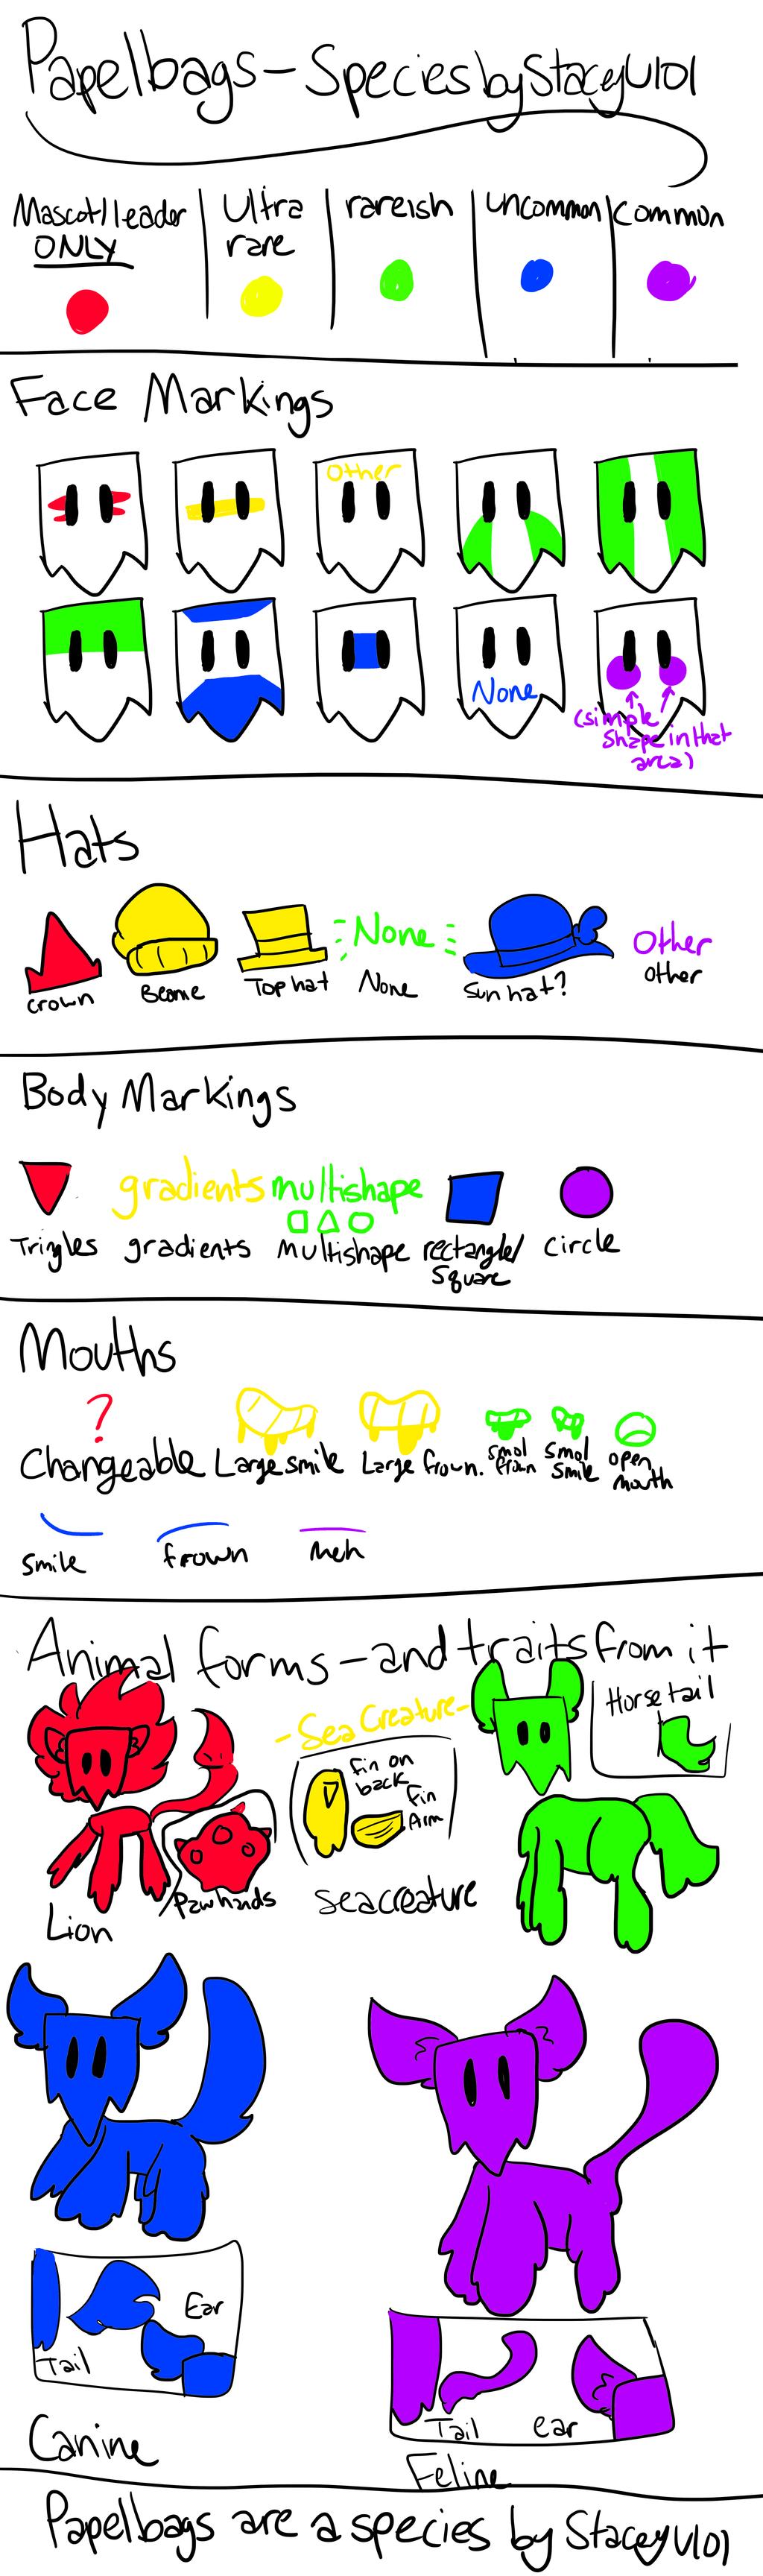 .:Papelbags Species - traits:. by SleepyStaceyArt